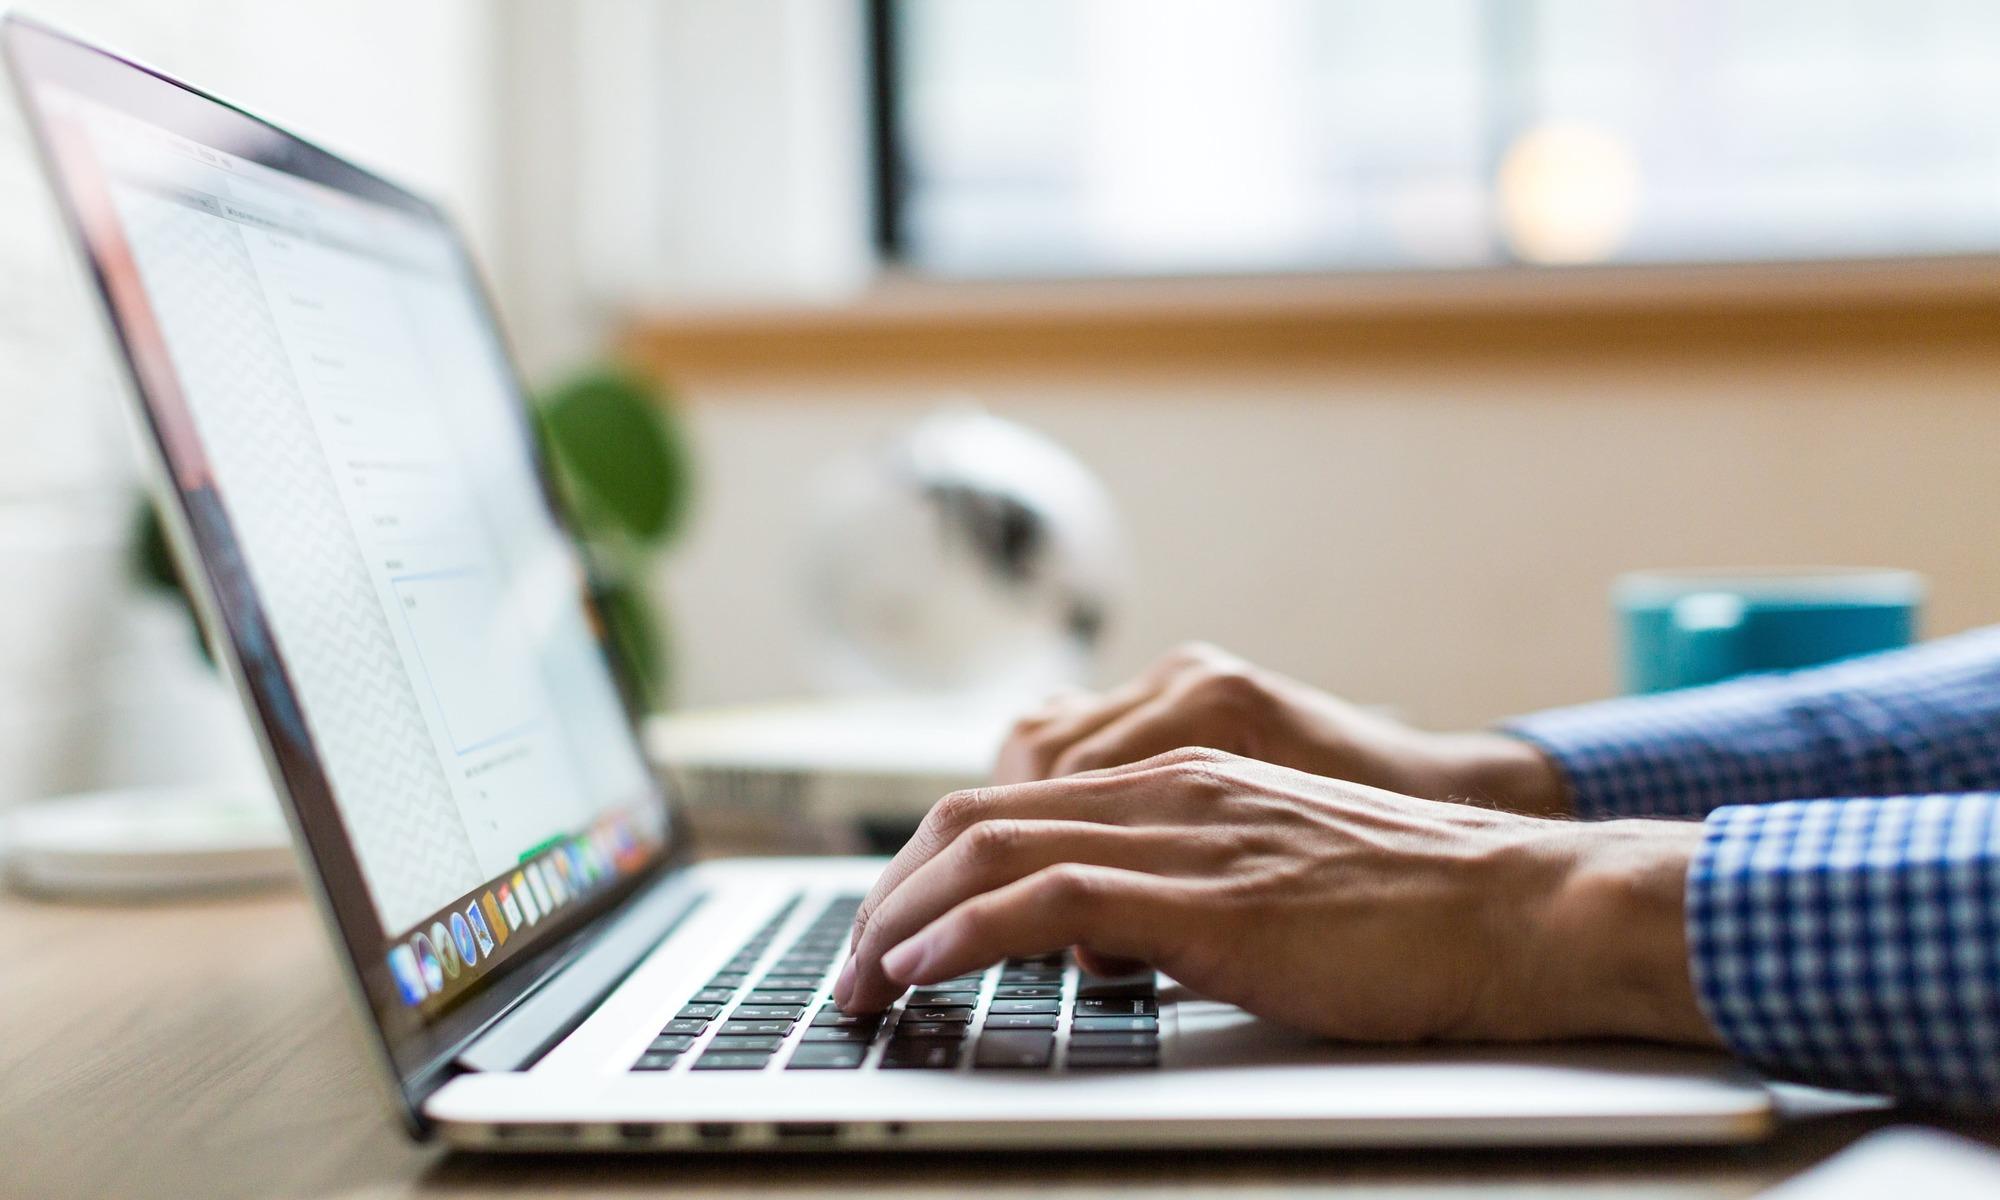 Hände welche auf Laptop schreiben